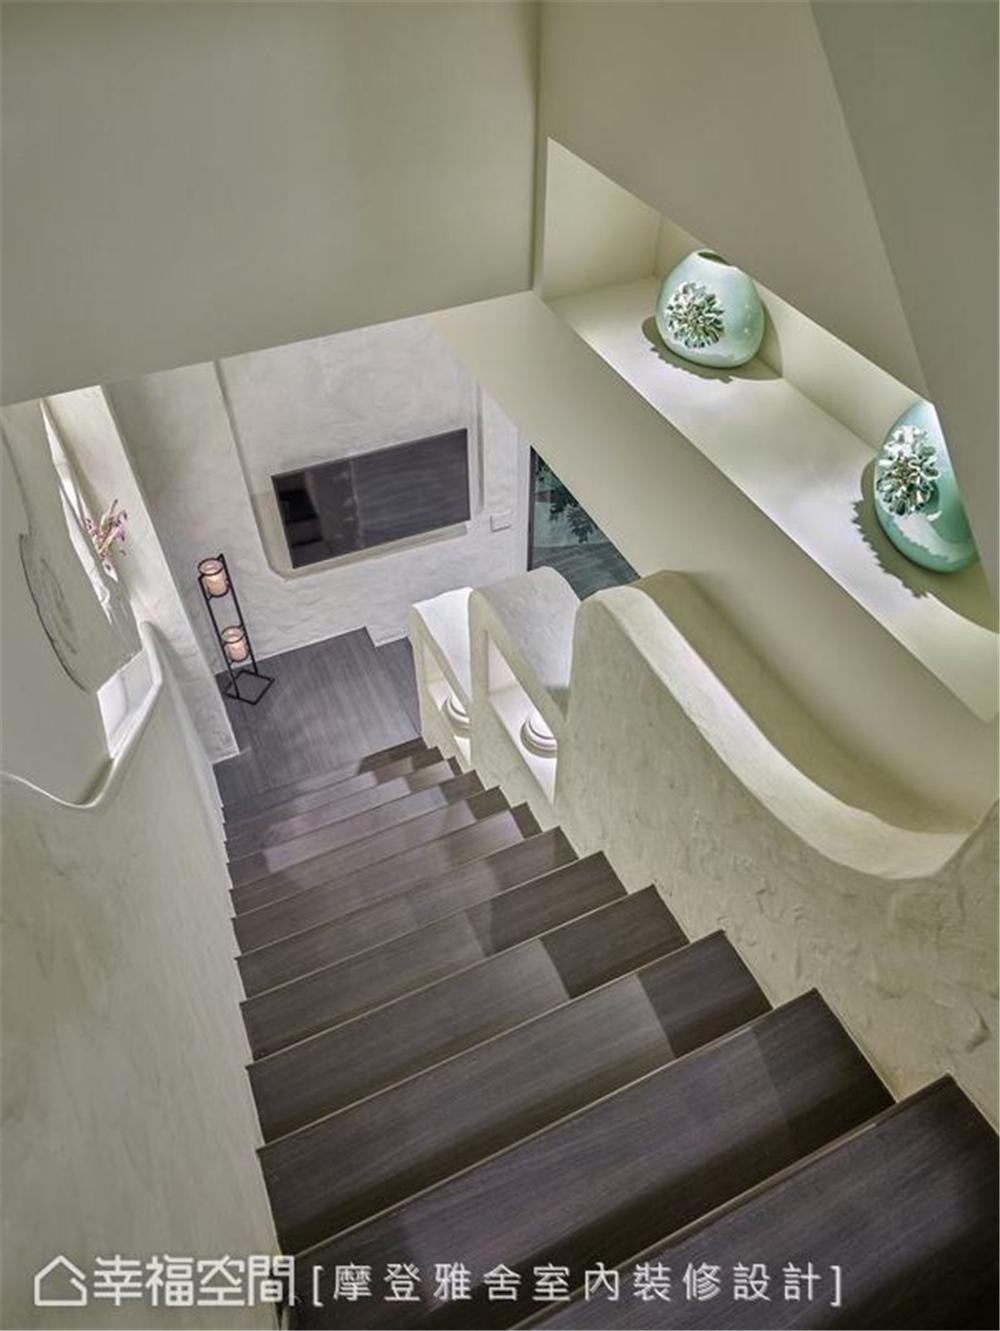 装修设计 装修完成 休闲多元异 楼梯图片来自幸福空间在198平,绿意工业风,舒适美宅的分享